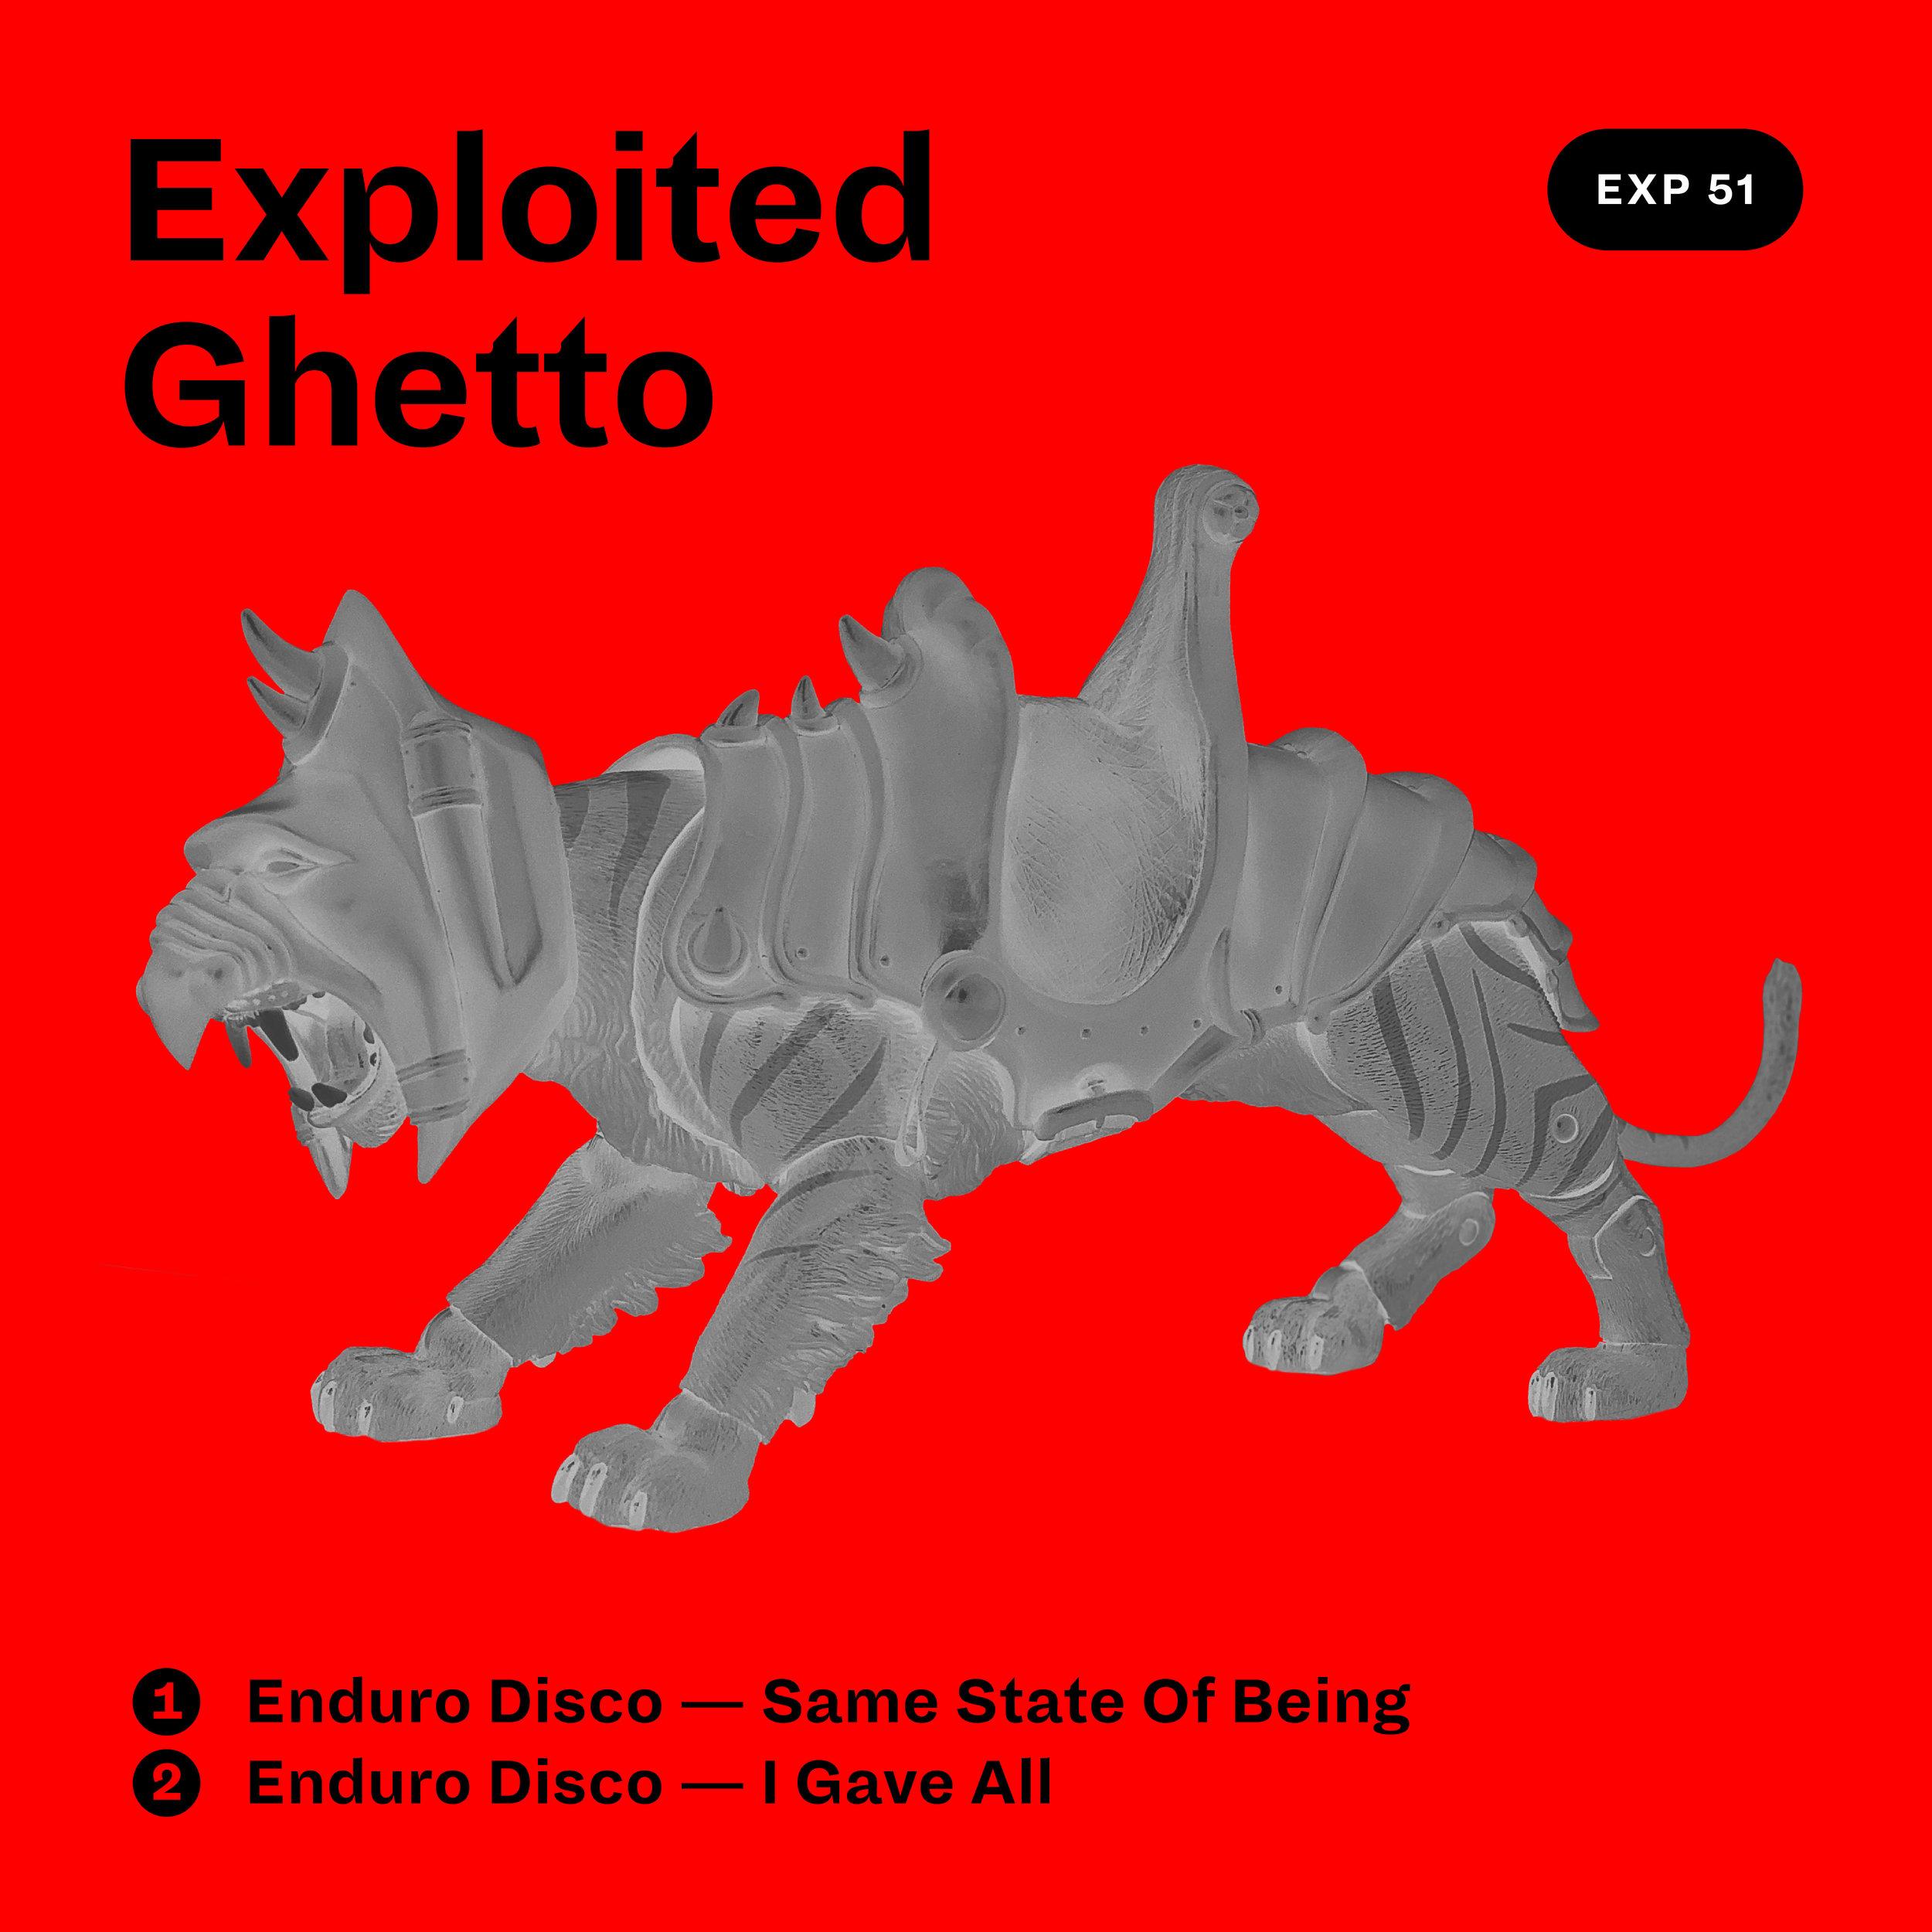 Exploited ghetto 2.jpg